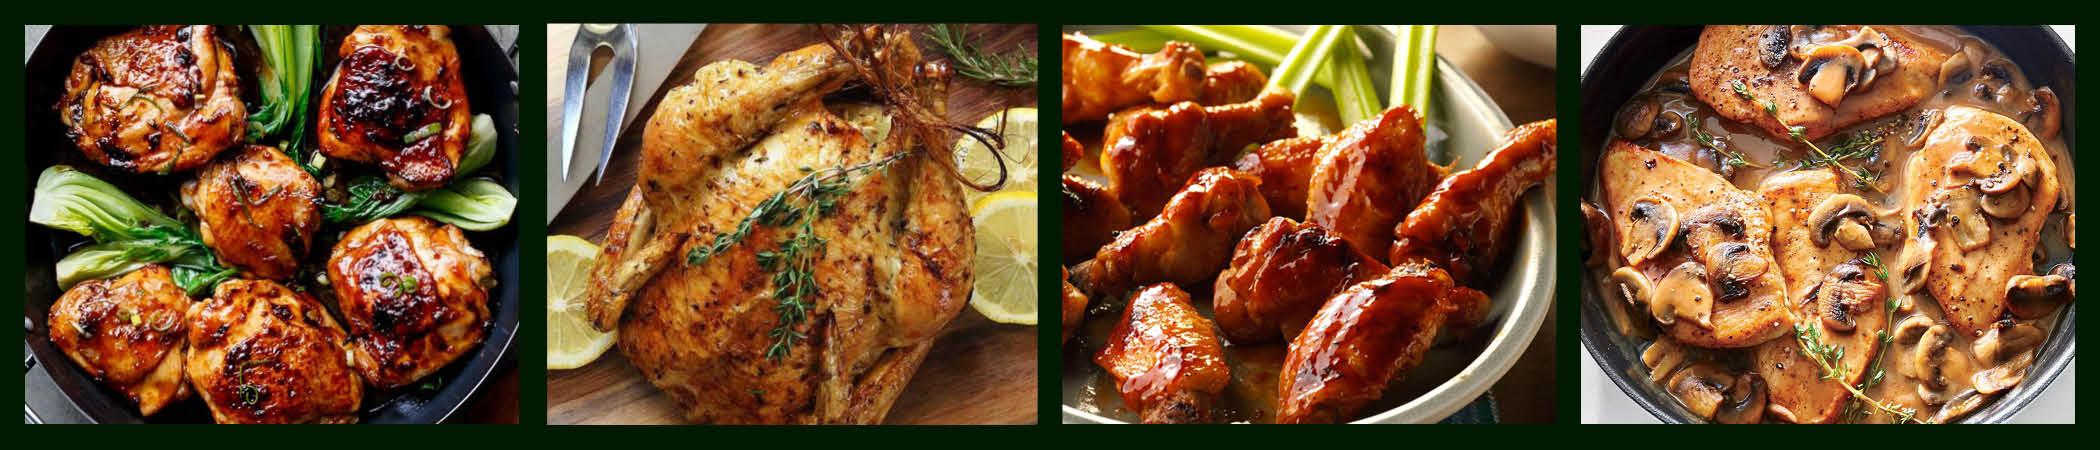 chicken strip 01.jpg